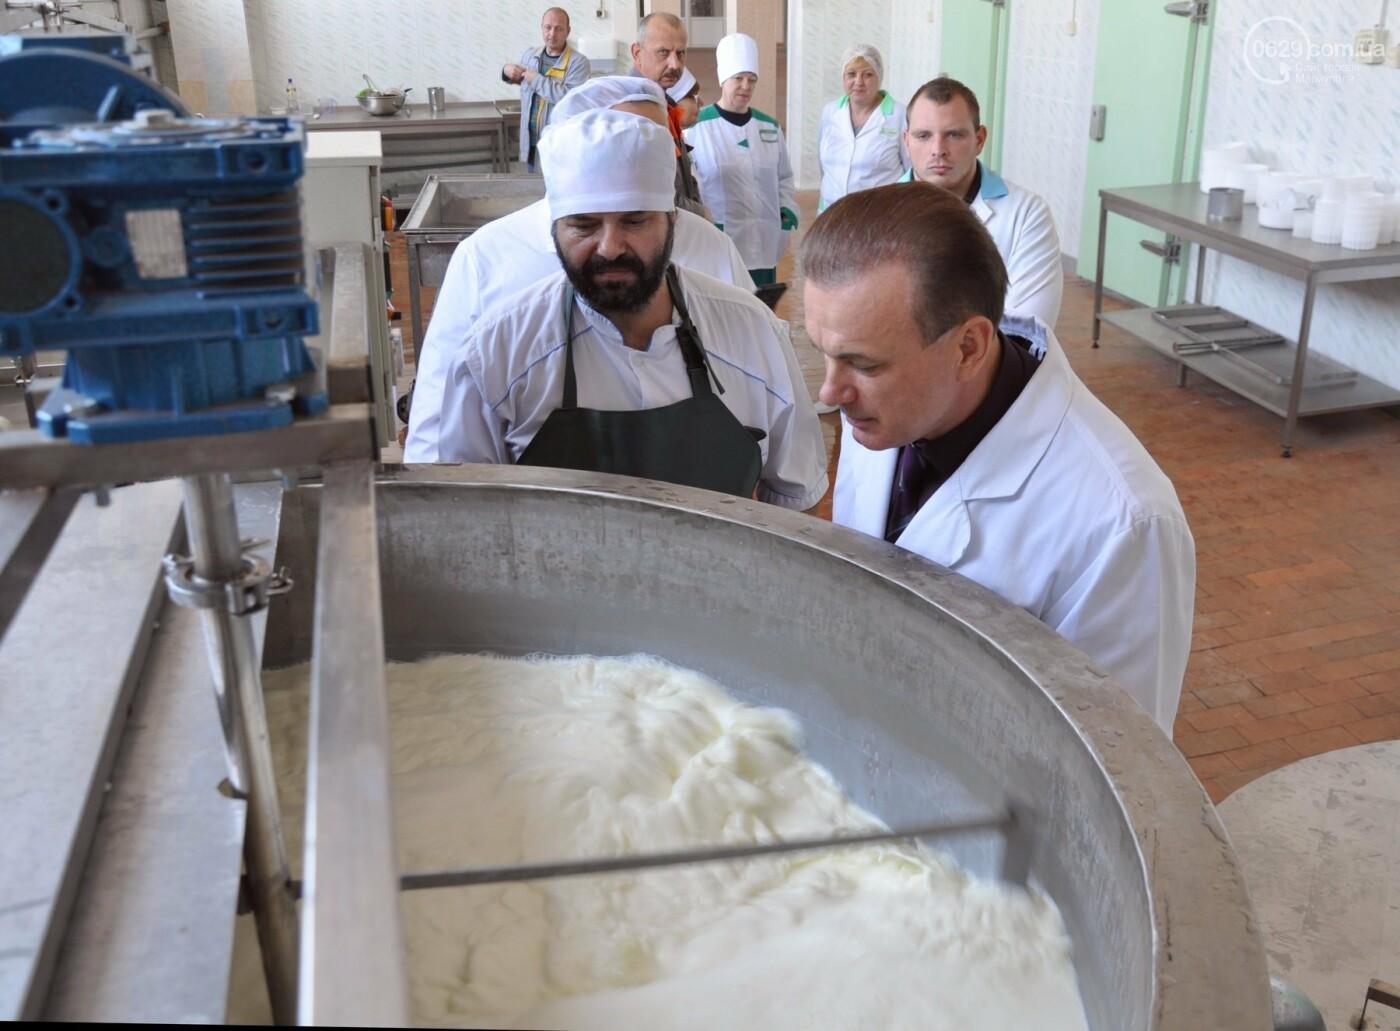 Юрий Тернавский: «Мариупольский молокозавод может напоить молоком каждого жителя Мариуполя и Приазовья», фото-87